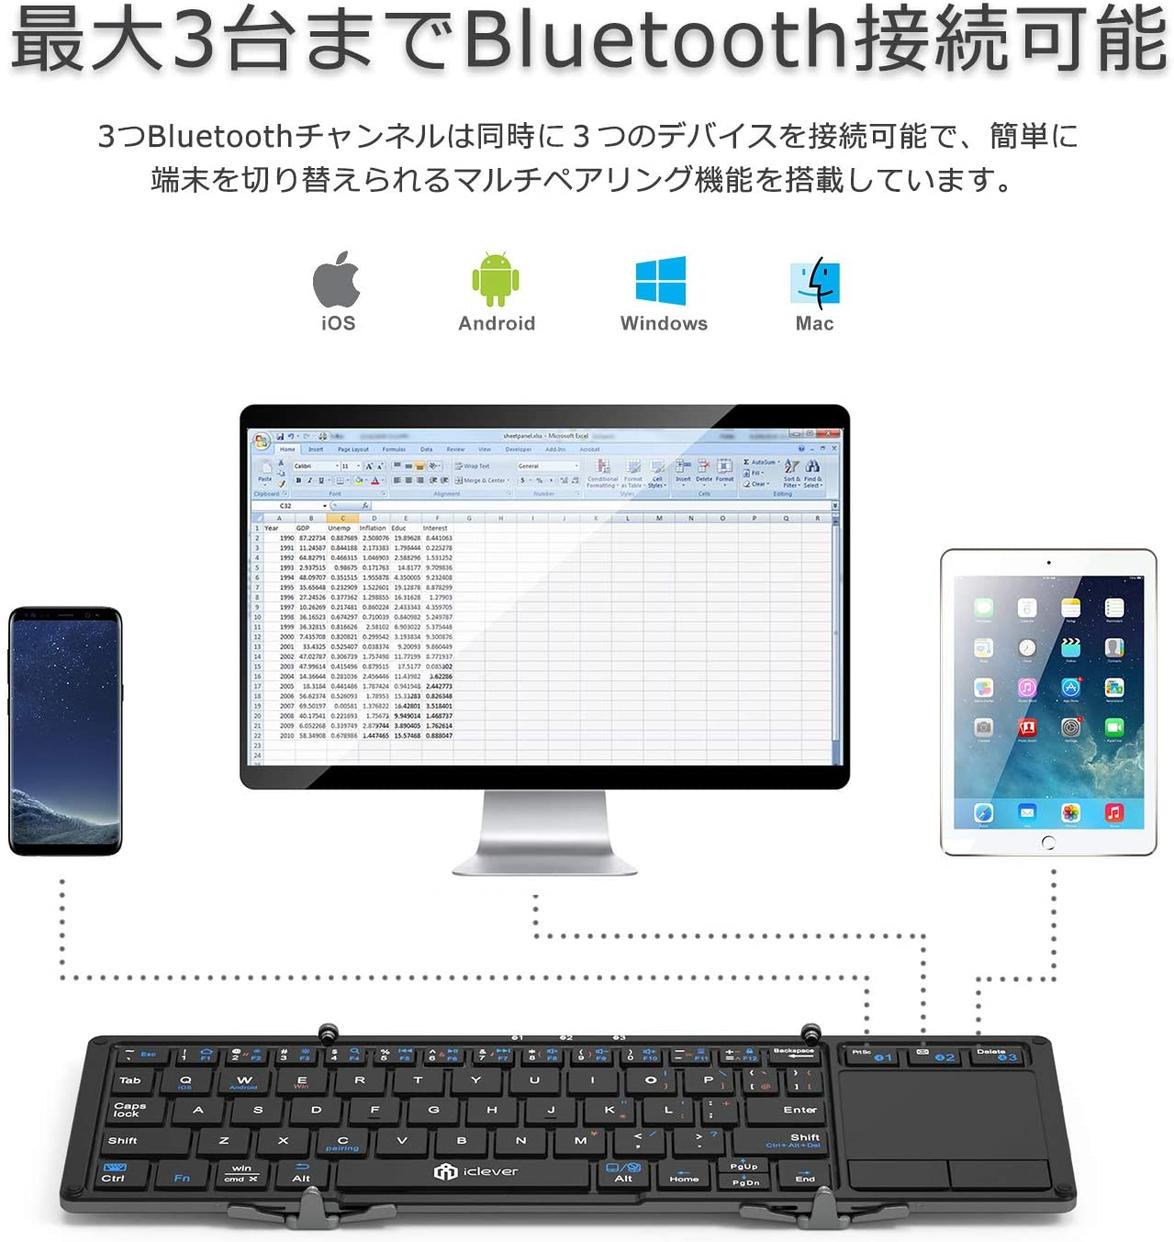 iClever(アイクレバー) 折畳み式Bluetoothキーボード IC-BK08の商品画像8